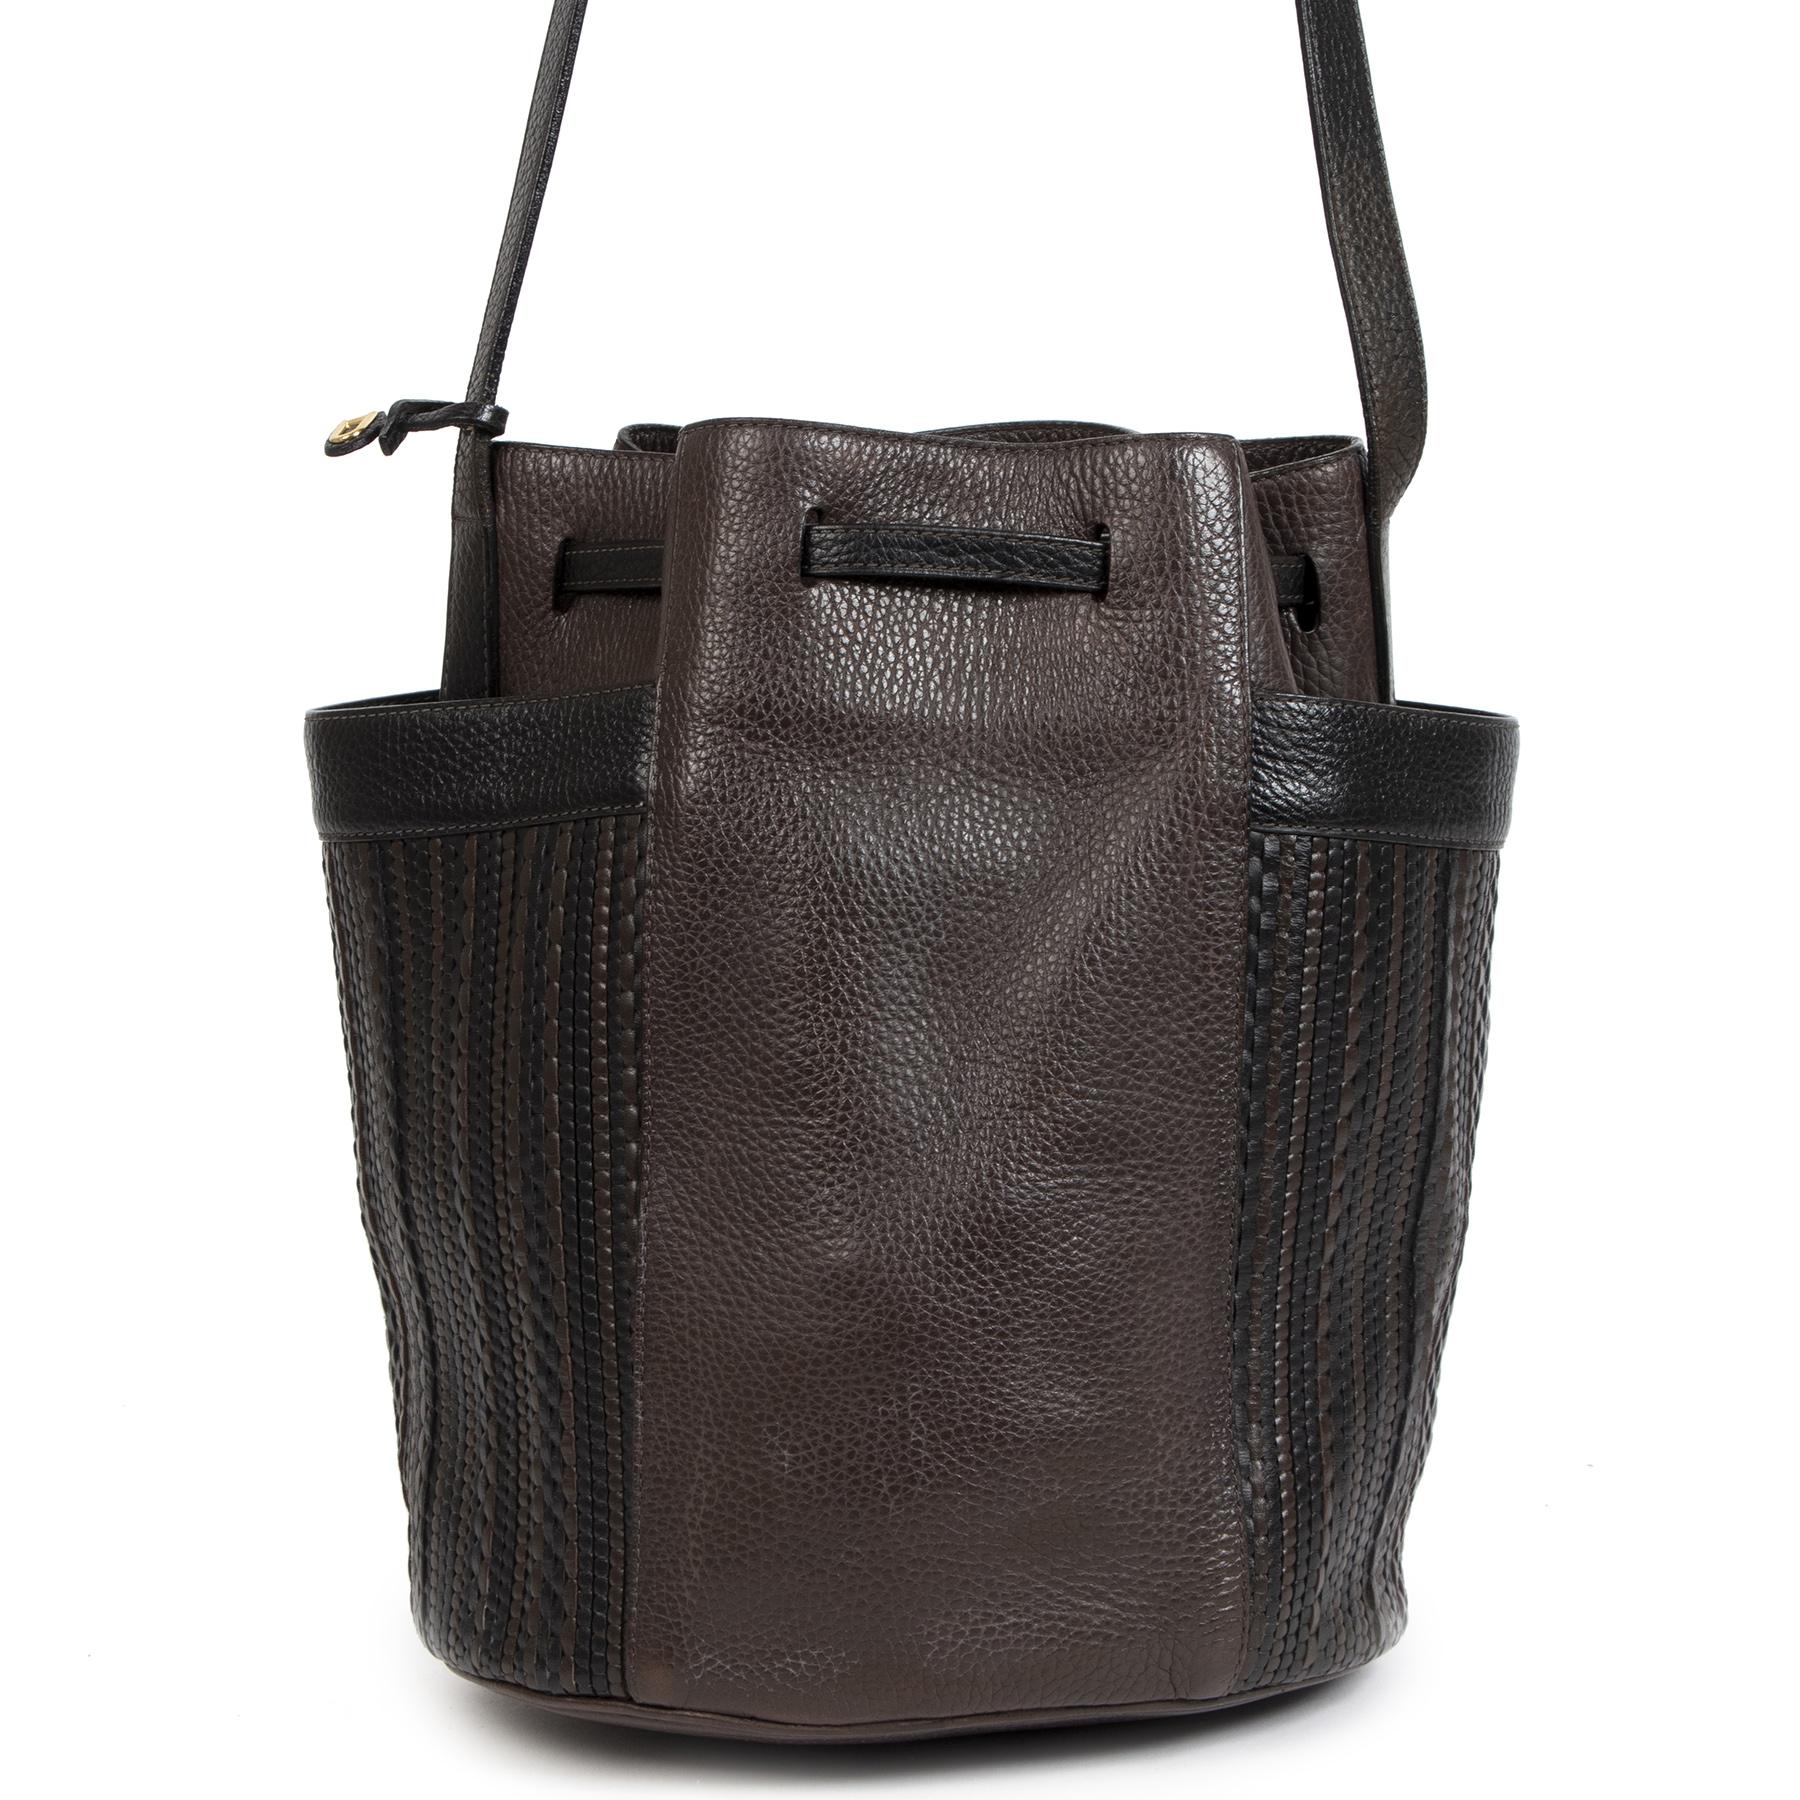 Authentieke Tweedehands Delvaux Dark Brown Woven Leather Bucket Bag juiste prijs veilig online shoppen luxe merken webshop winkelen Antwerpen België mode fashion